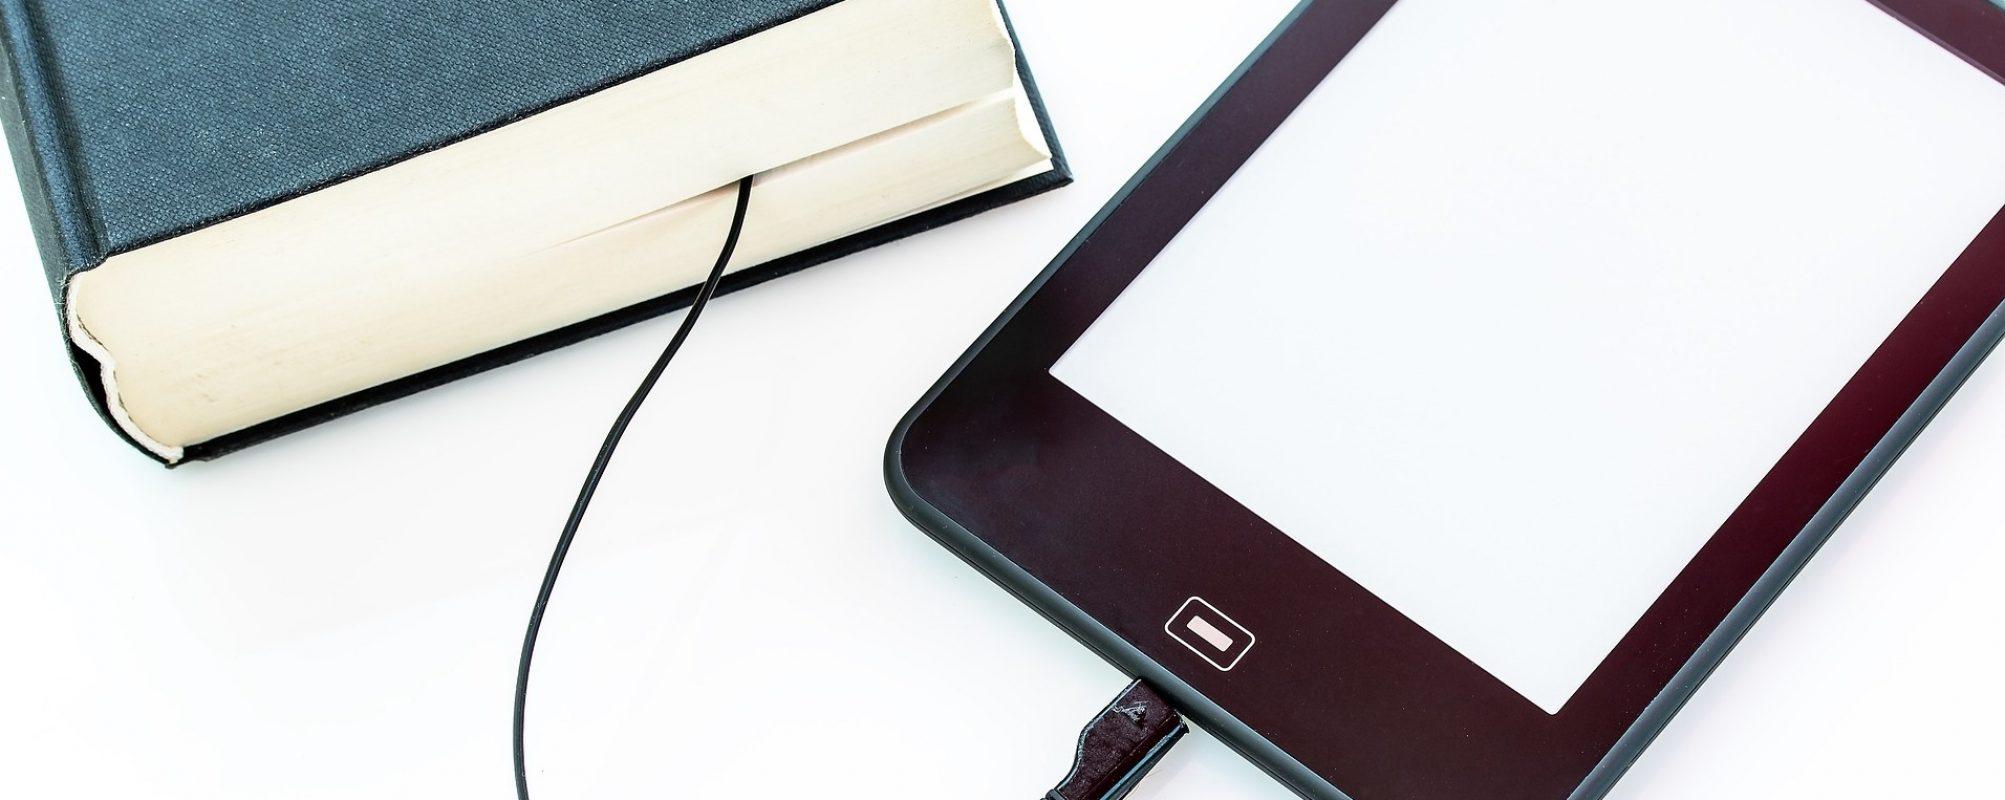 eBook oder Whitepaper: Wann punktet welches Format im B2B?